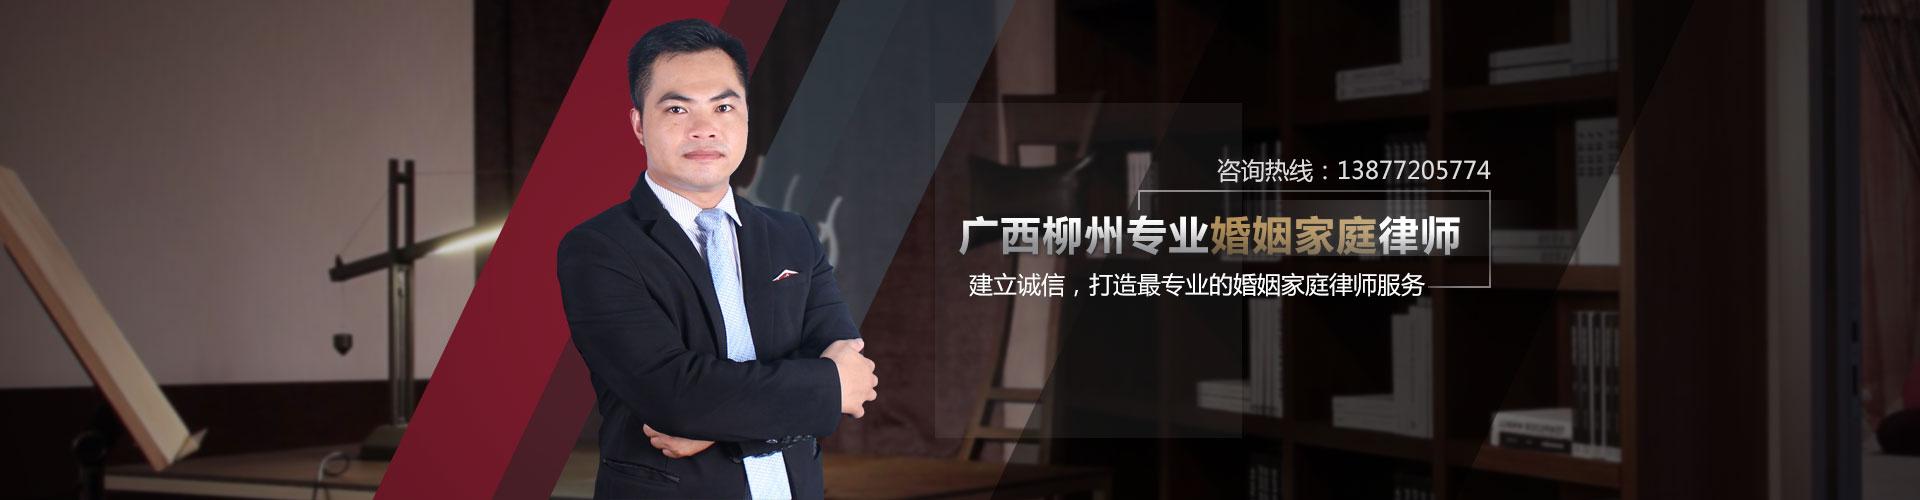 广西韦海团律师